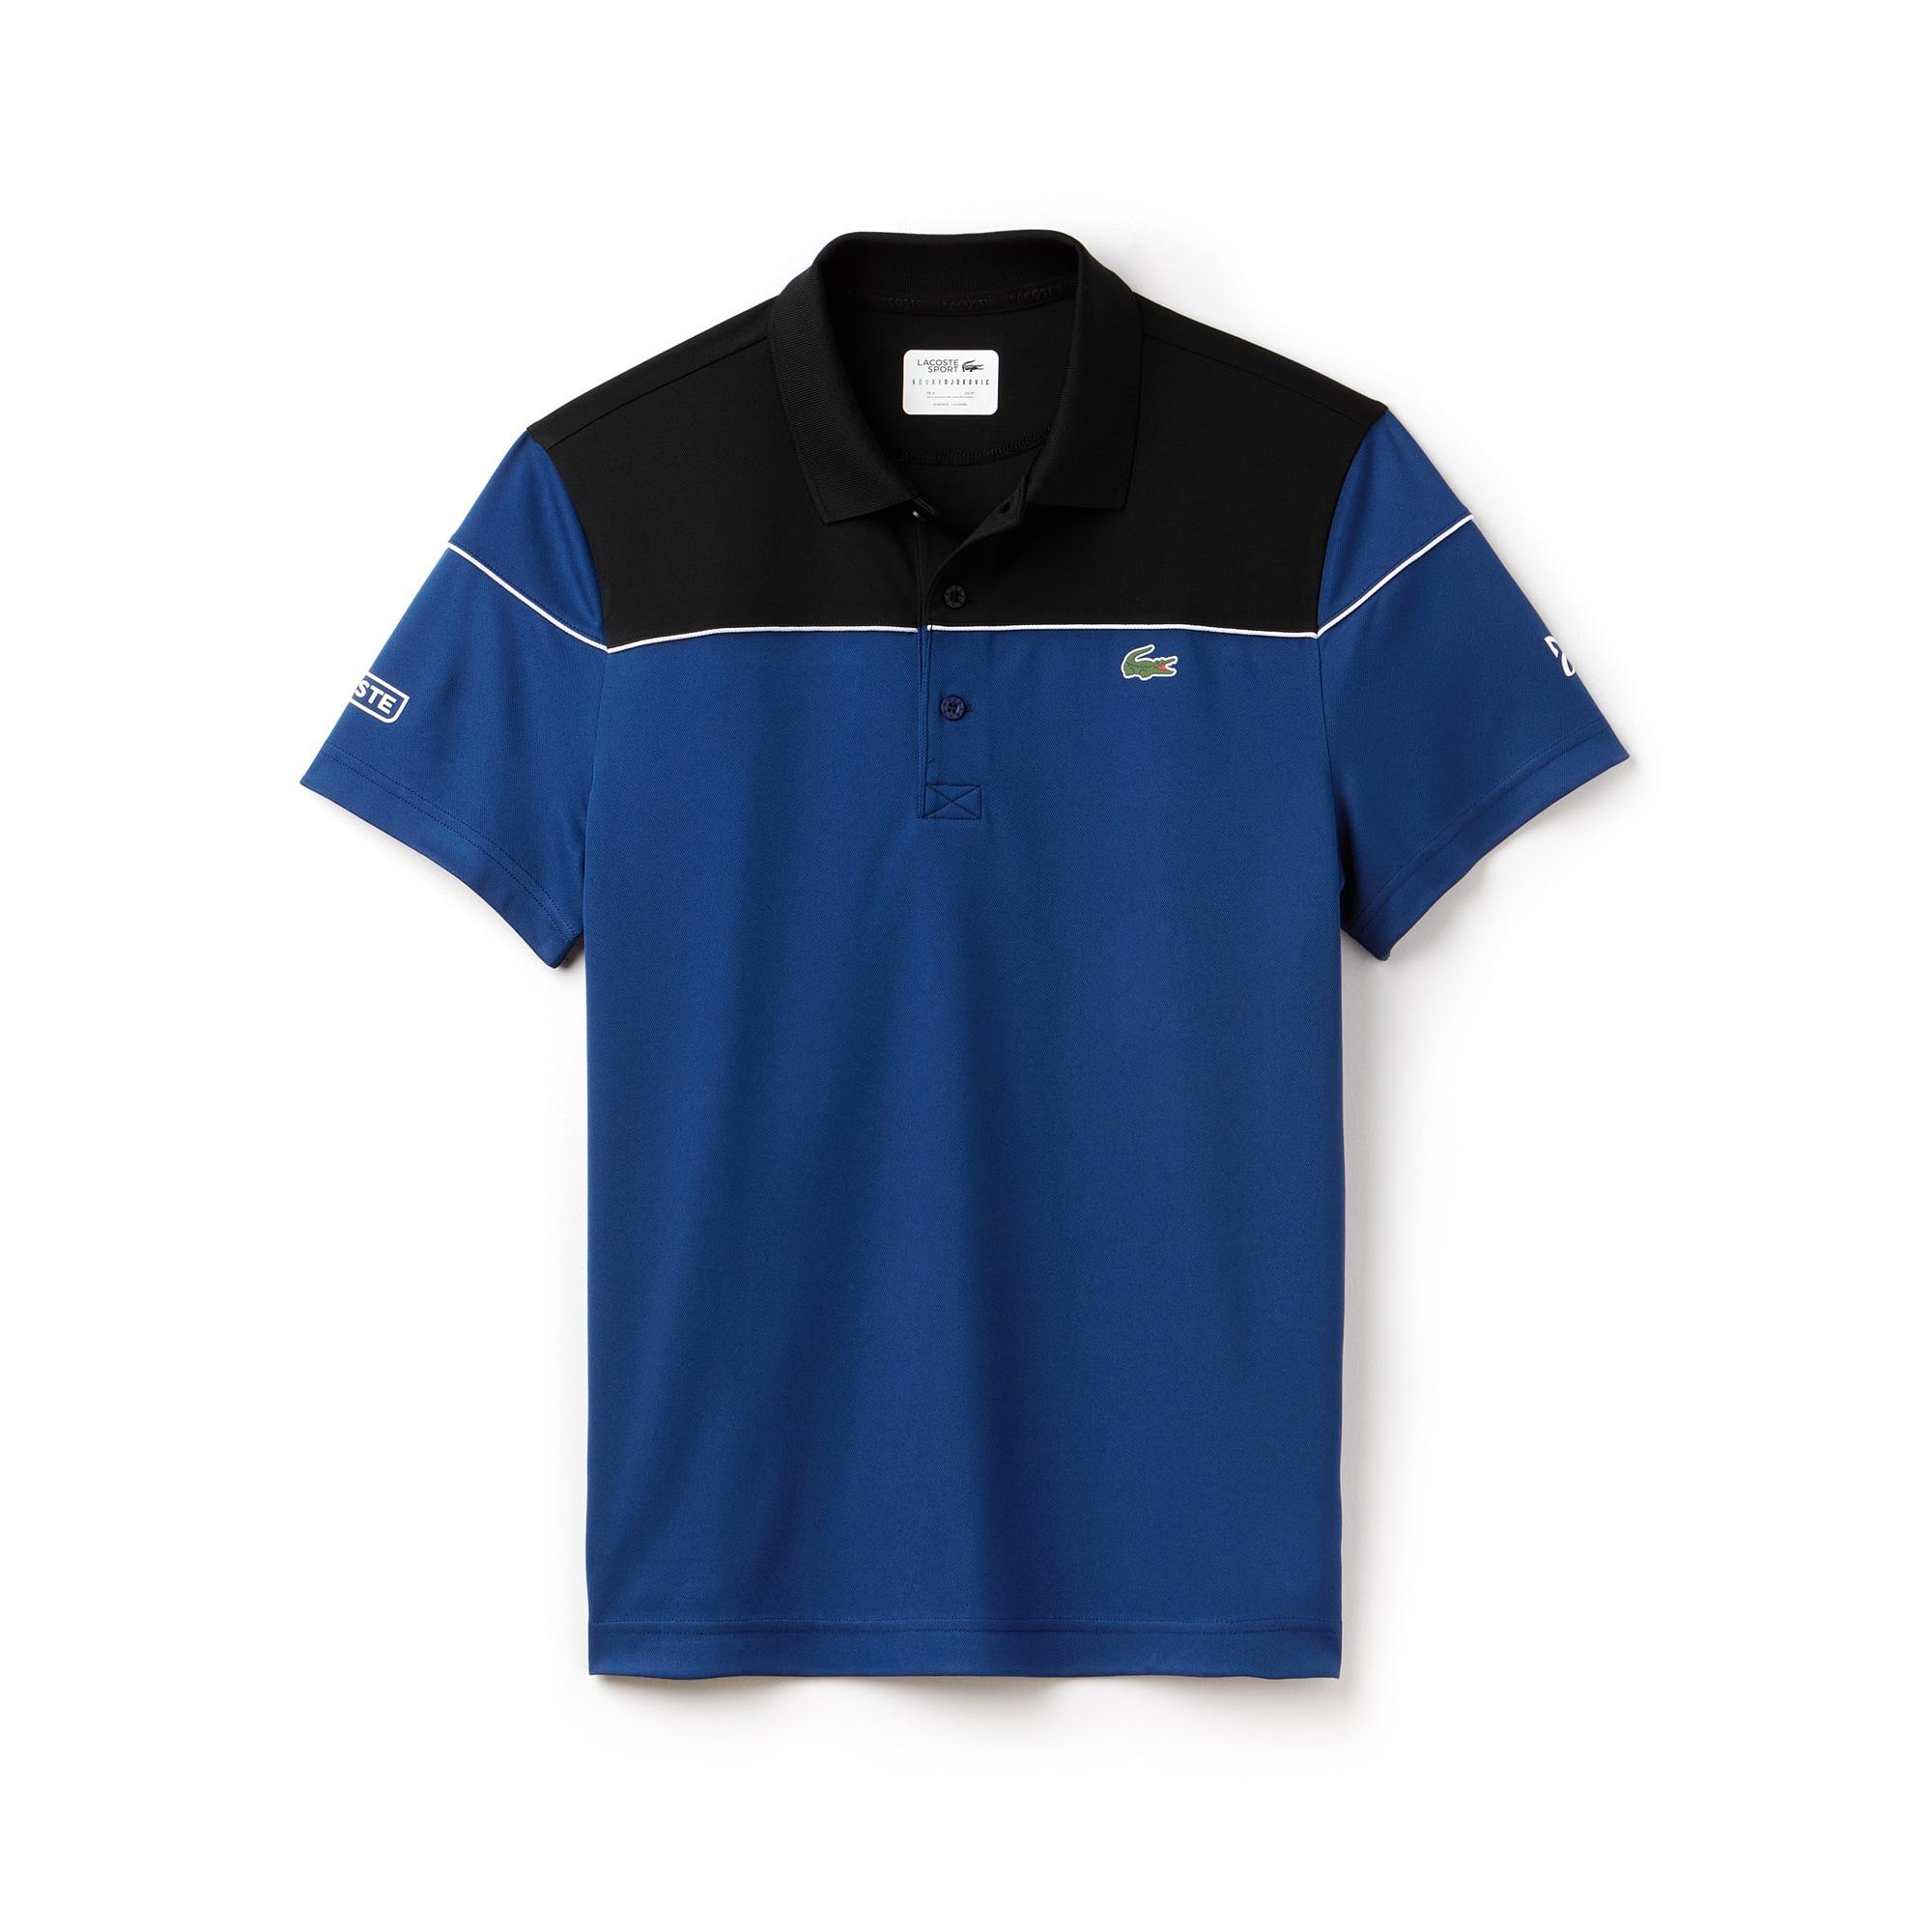 Men's LACOSTE SPORT NOVAK DJOKOVIC COLLECTION Colorblock Tech Piqué Polo Shirt